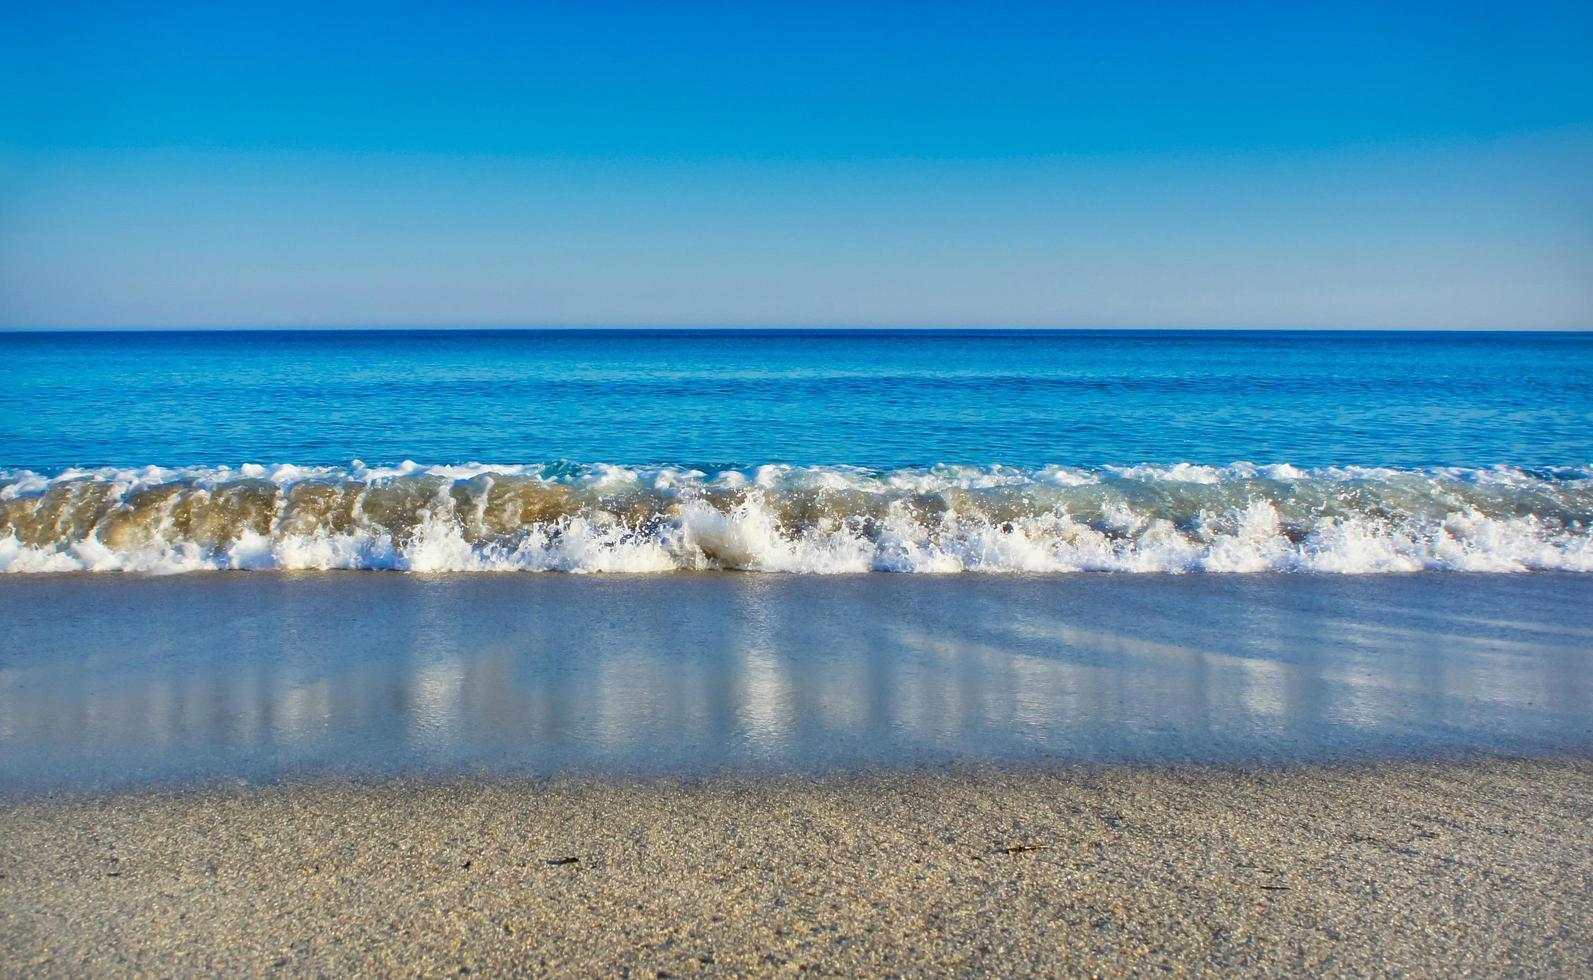 vista sul mare con un mare cristallino, cielo senza nuvole e spiaggia di sabbia bianca foto